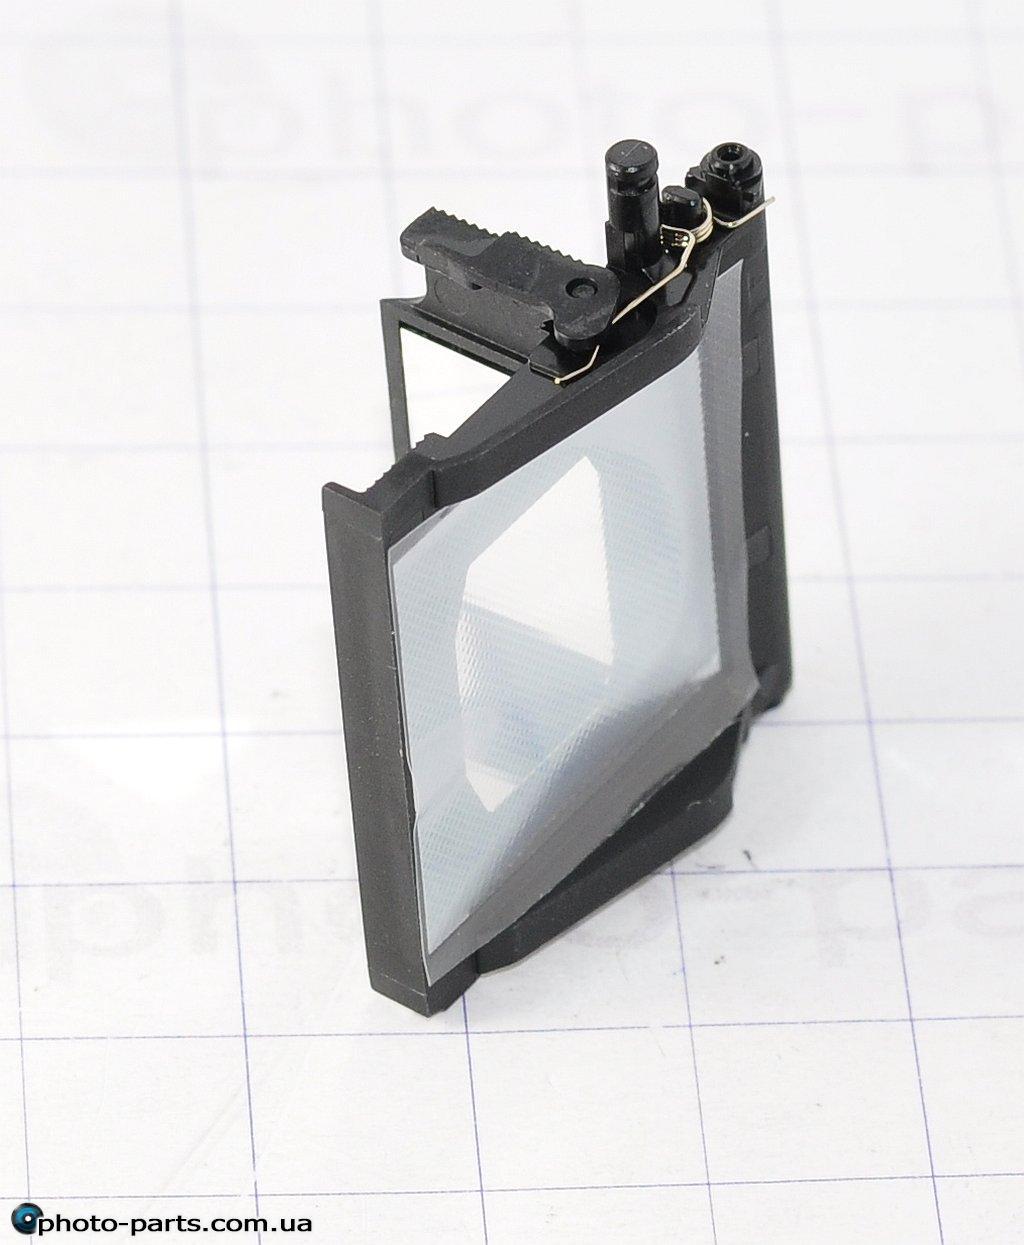 Купить Датчик автофокуса Nikon D3100, Nikon D3200, АСЦ 1H998